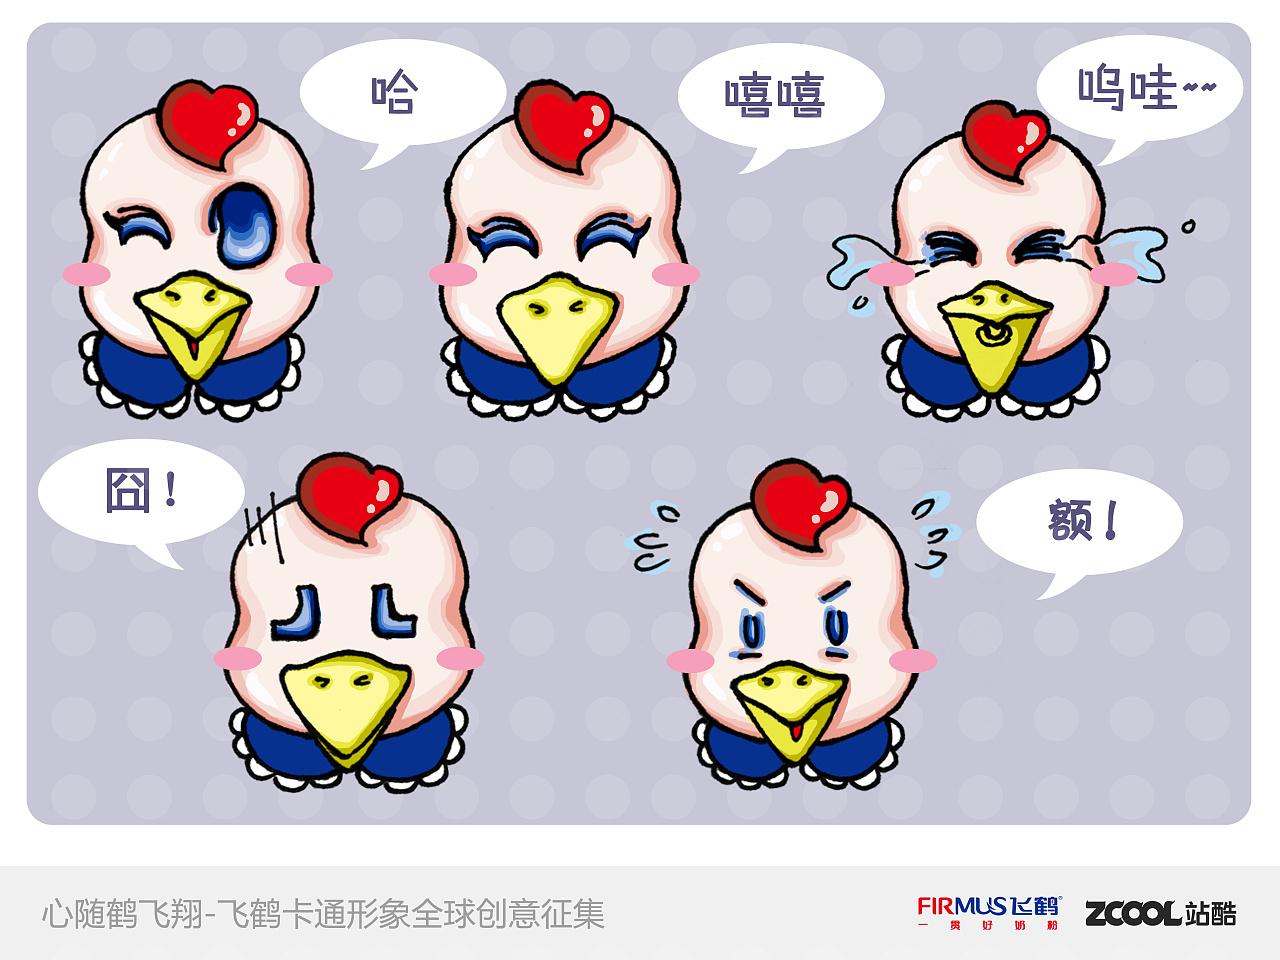 飞鹤卡通形象创意——鹤baby